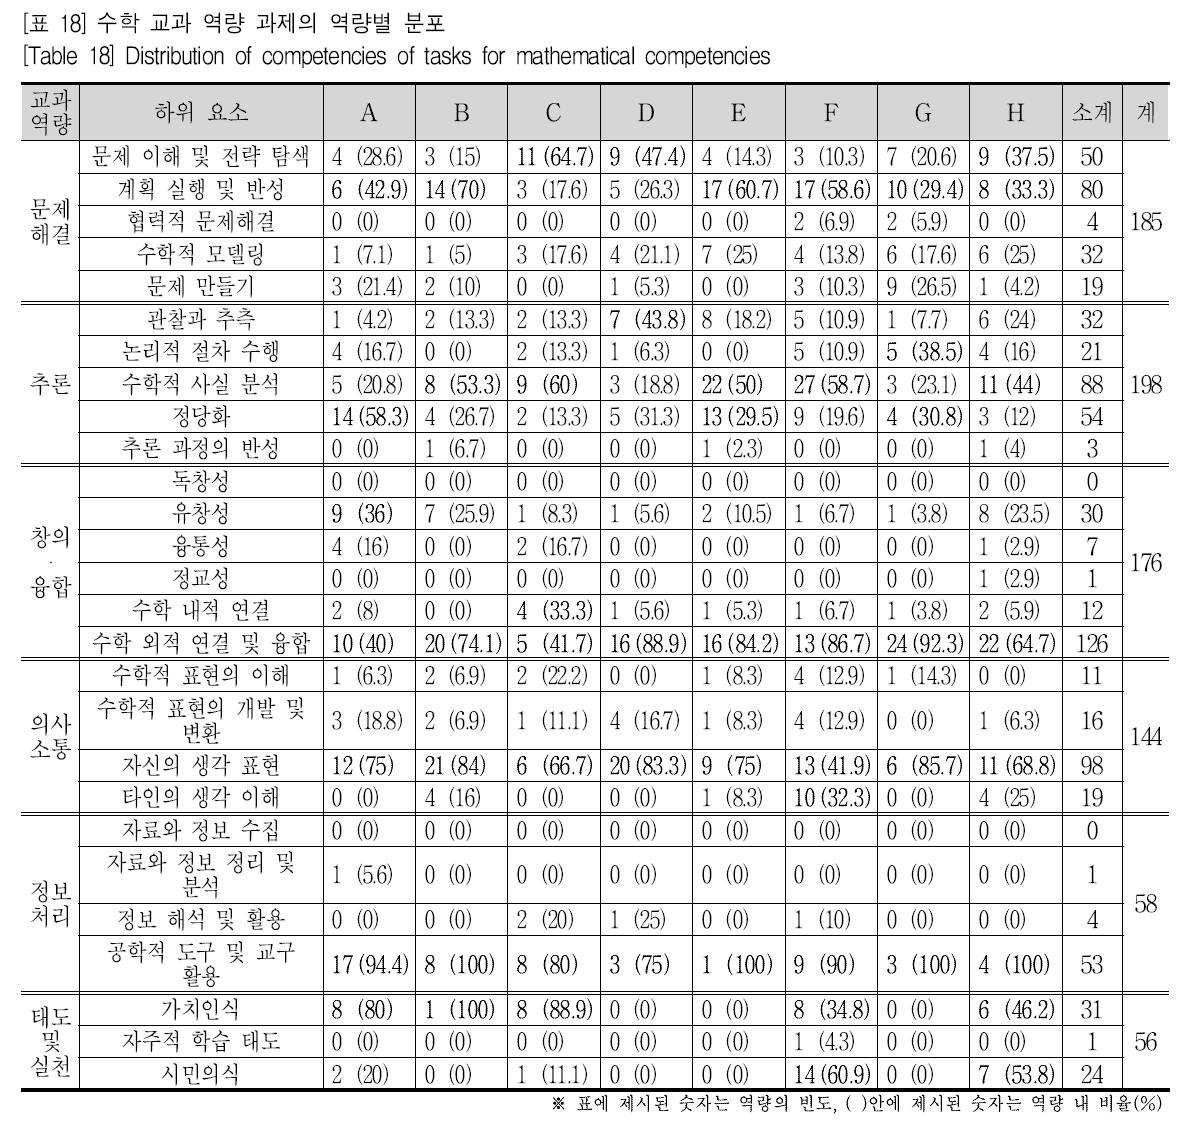 [표 18] 수학 교과 역량 과제의 역량별 분포 [Table 18] Distribution of competencies of tasks for mathematical competencies